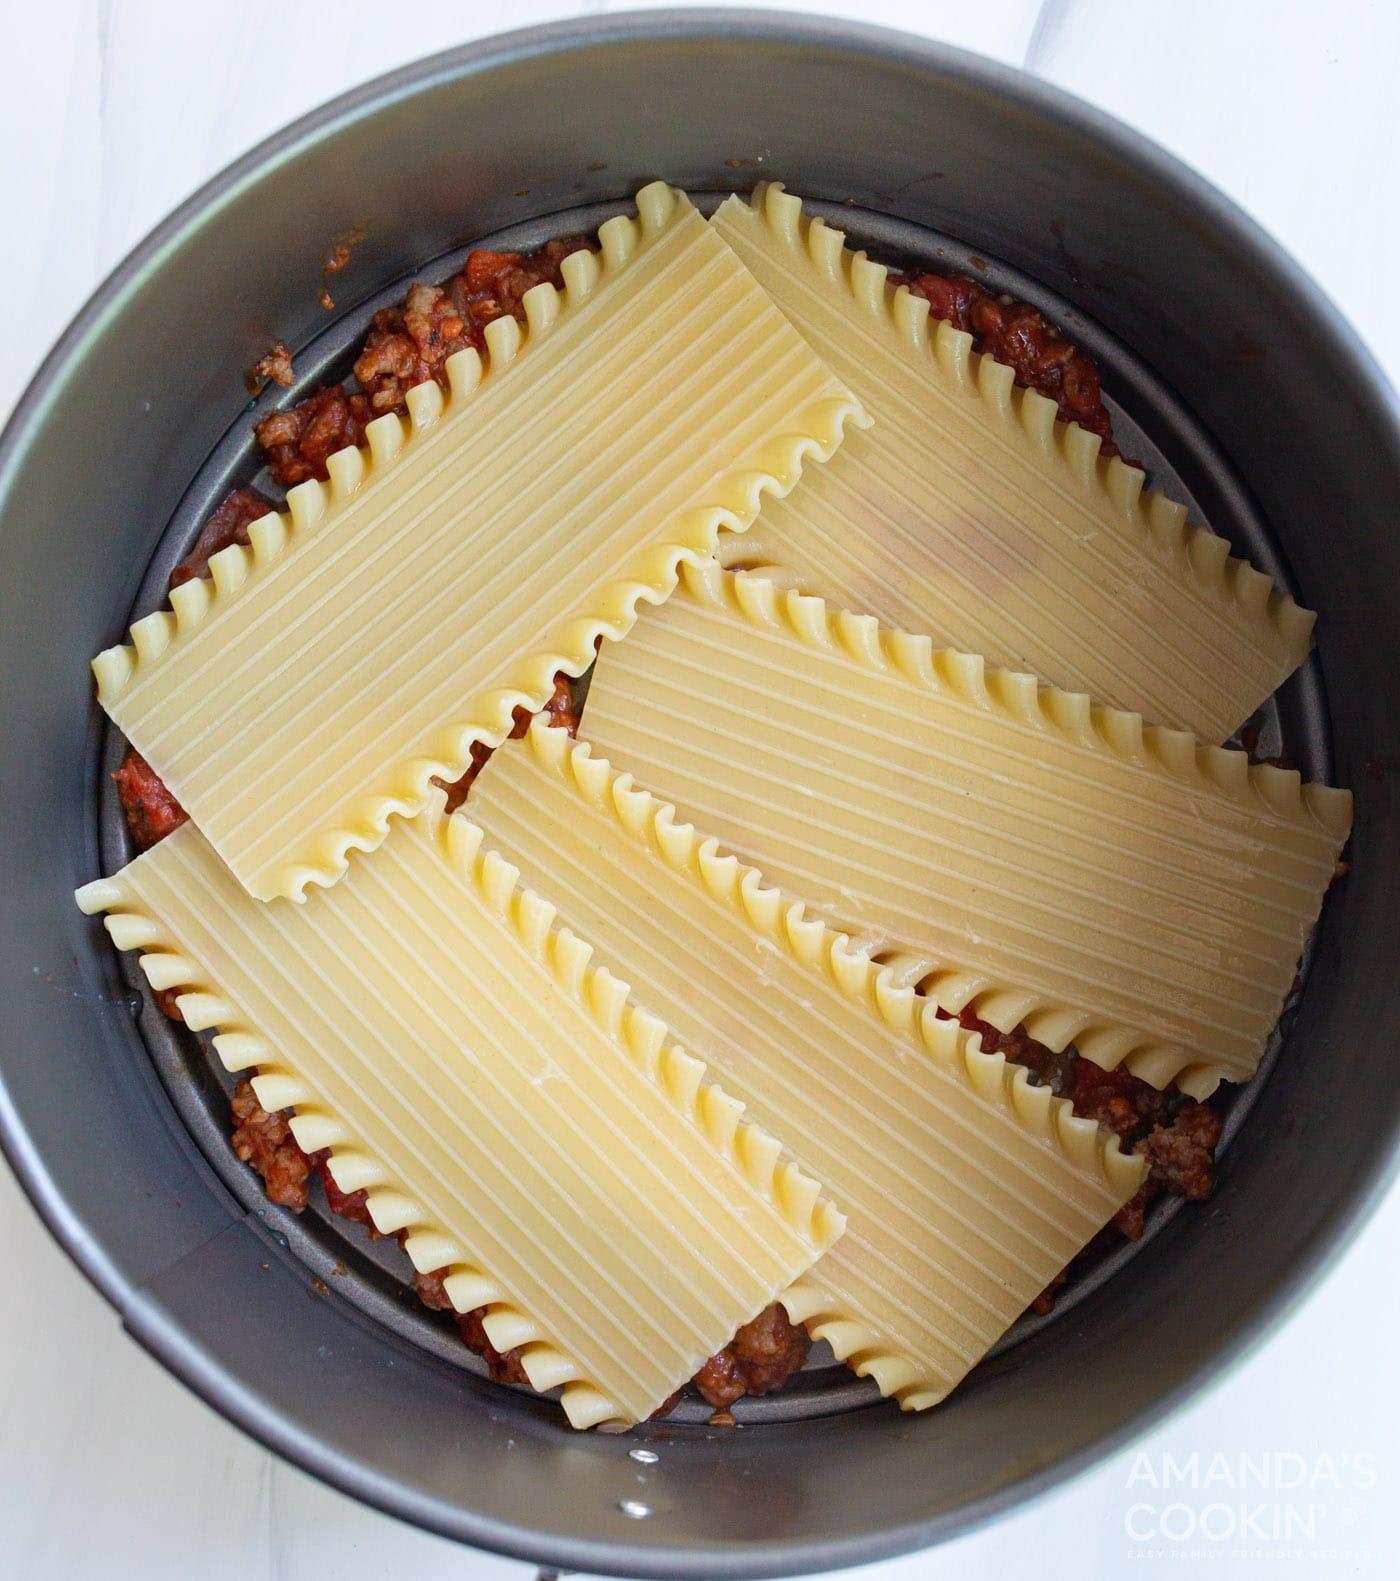 lasagna noodles in springform pan